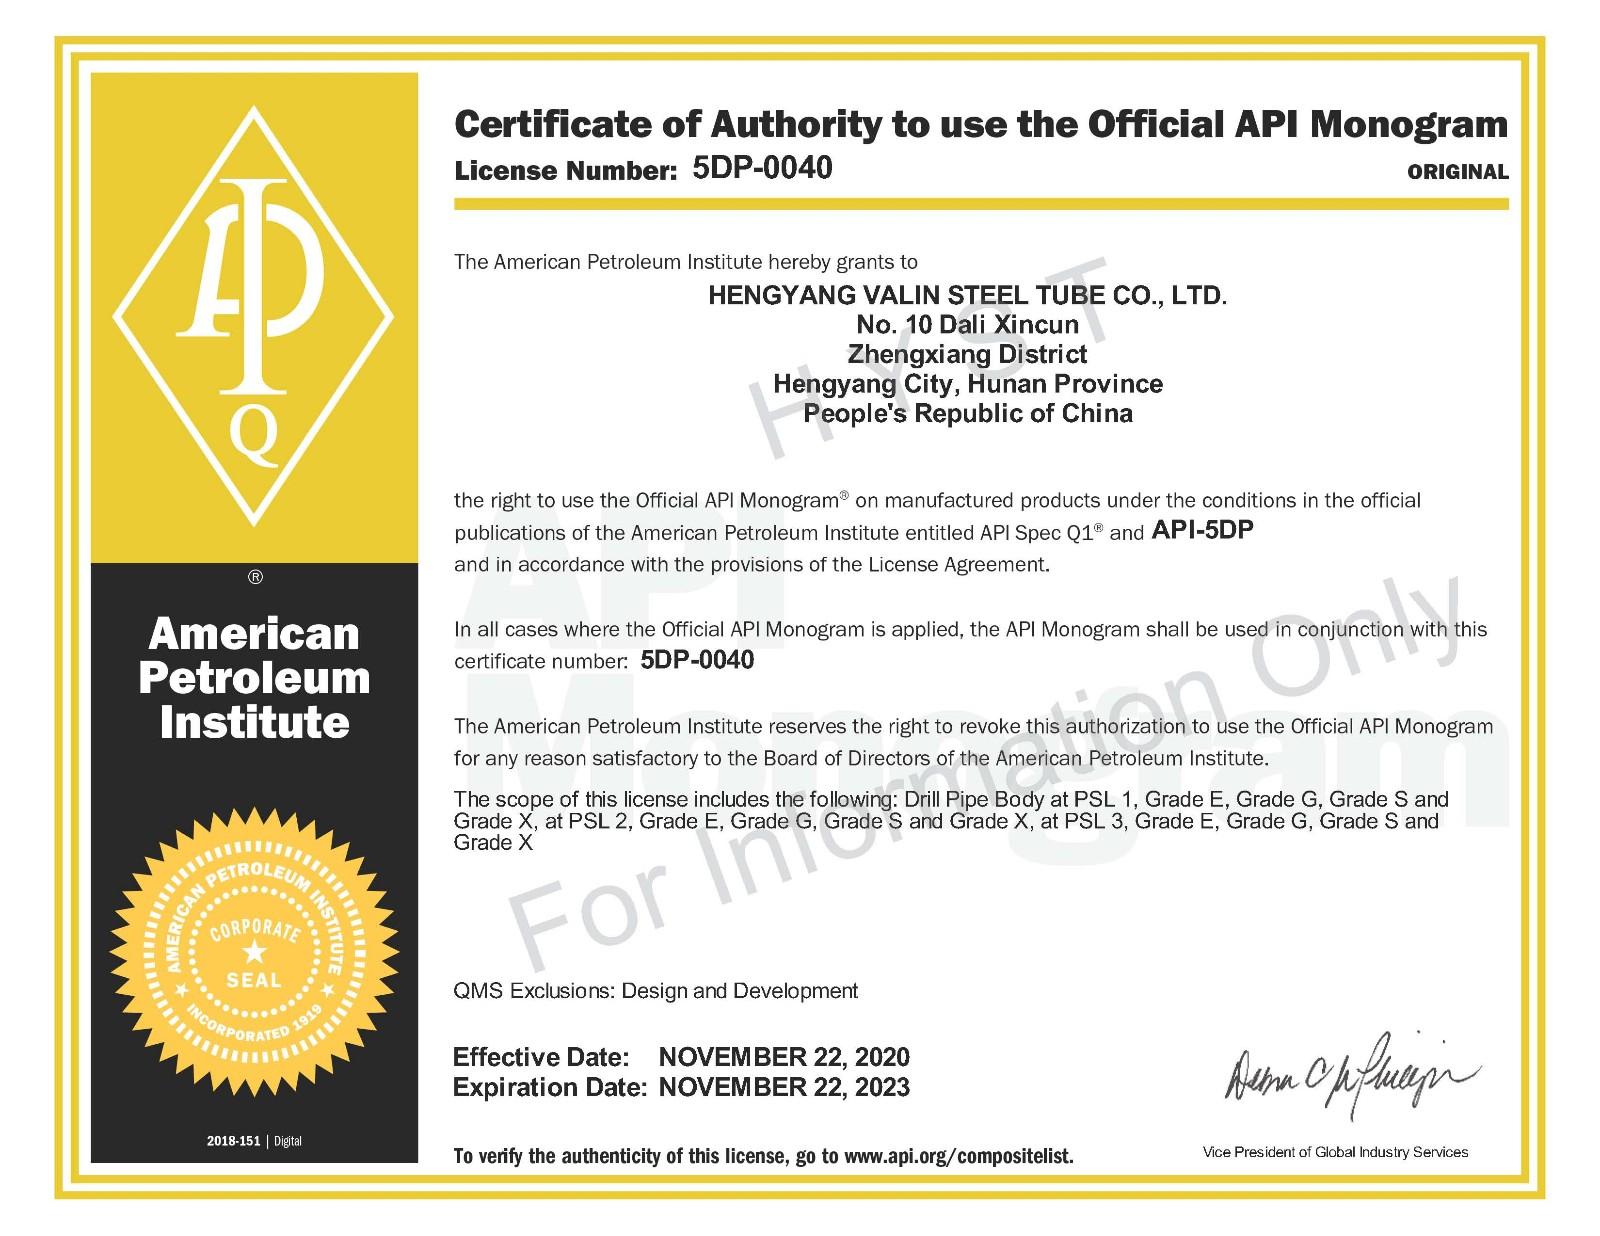 API 5DP Certificate